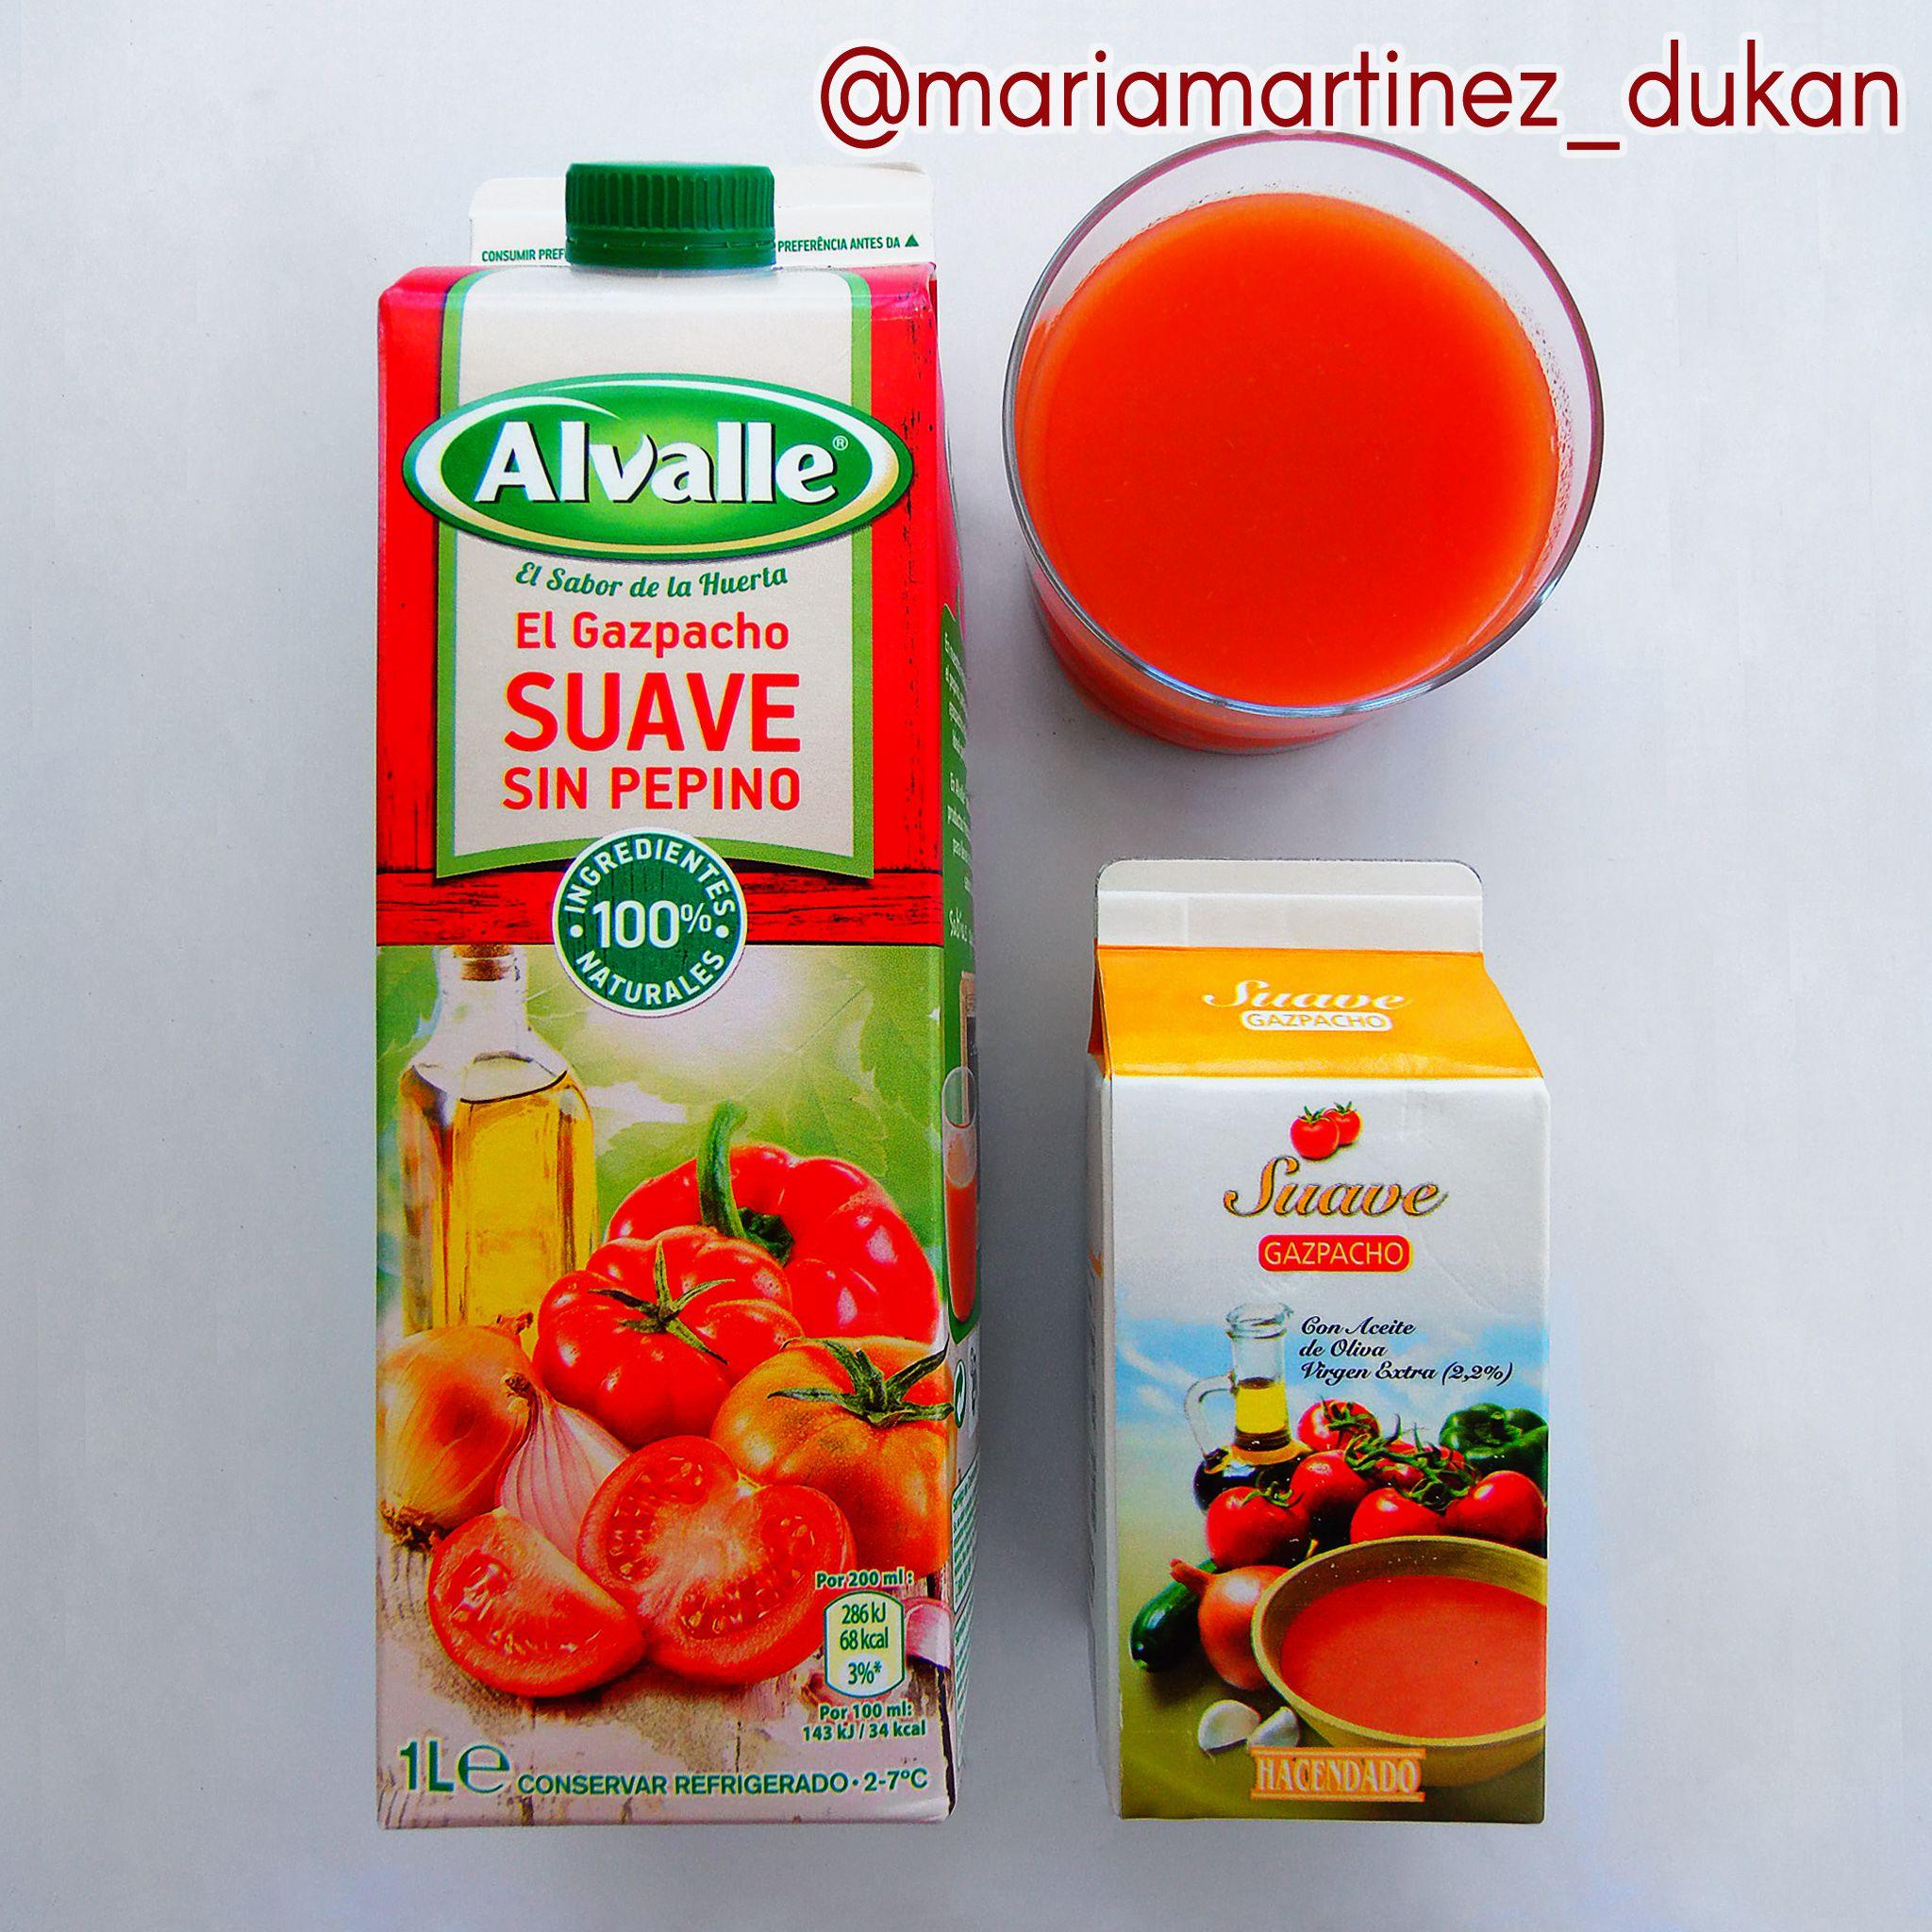 Gazpacho apto Dukan para días de Proteína Verdura (PV) sin contar tolerados: elige los que no llevan azúcar ni pan en la LISTA de ingredientes